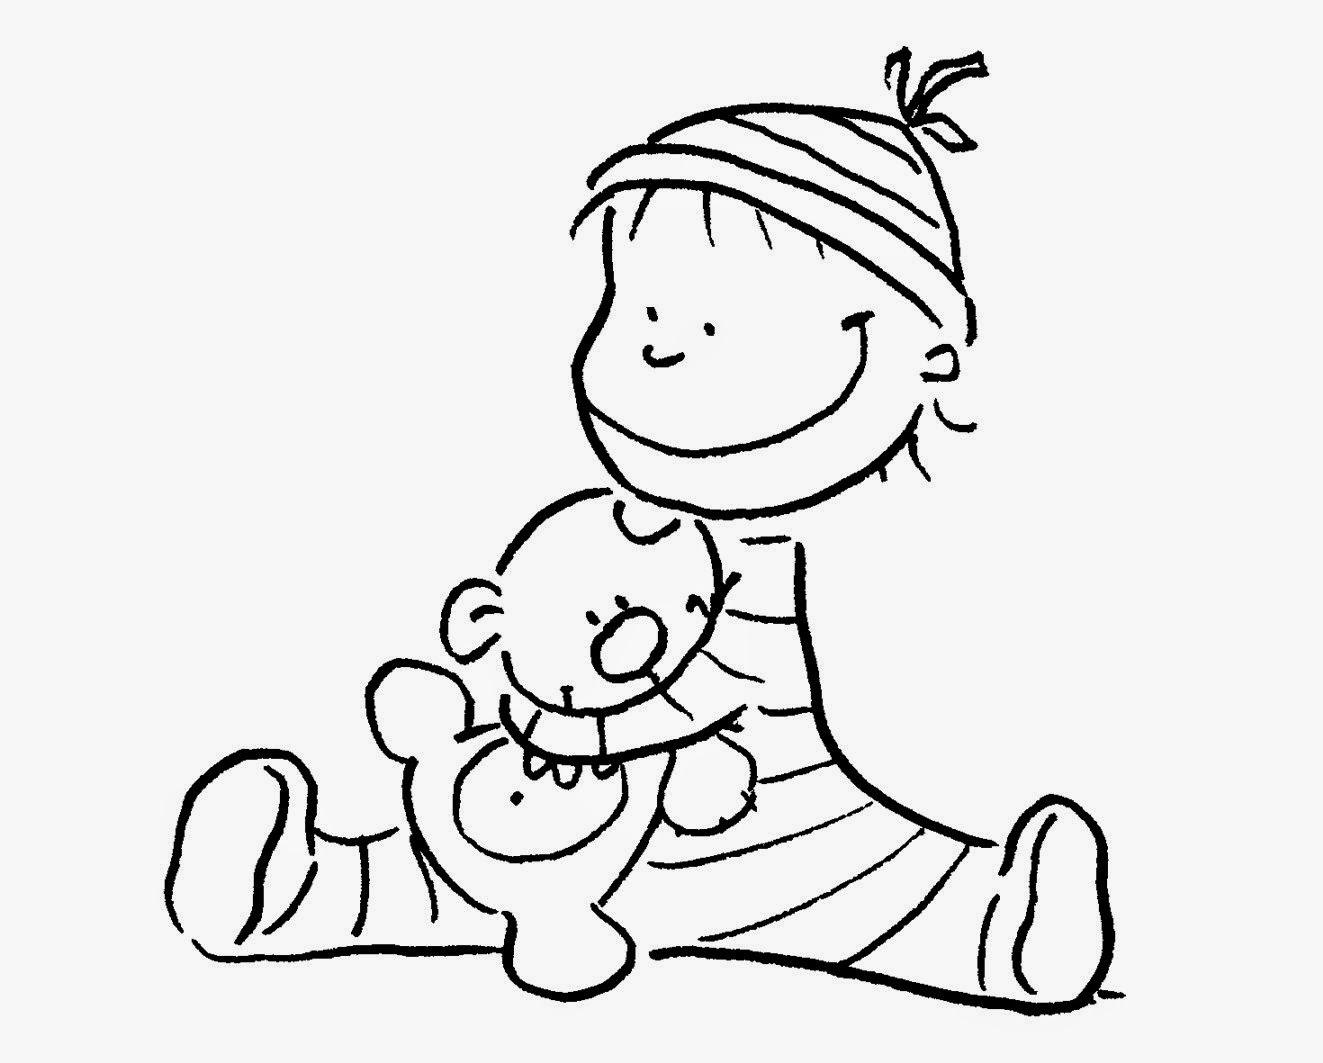 http://www.ebay.de/itm/Holzstempel-Motivstempel-Stempel-Stamp-Baby-Boy-Junge-Geburt-207-/200738505686?pt=Stempel&hash=item2ebcf283d6